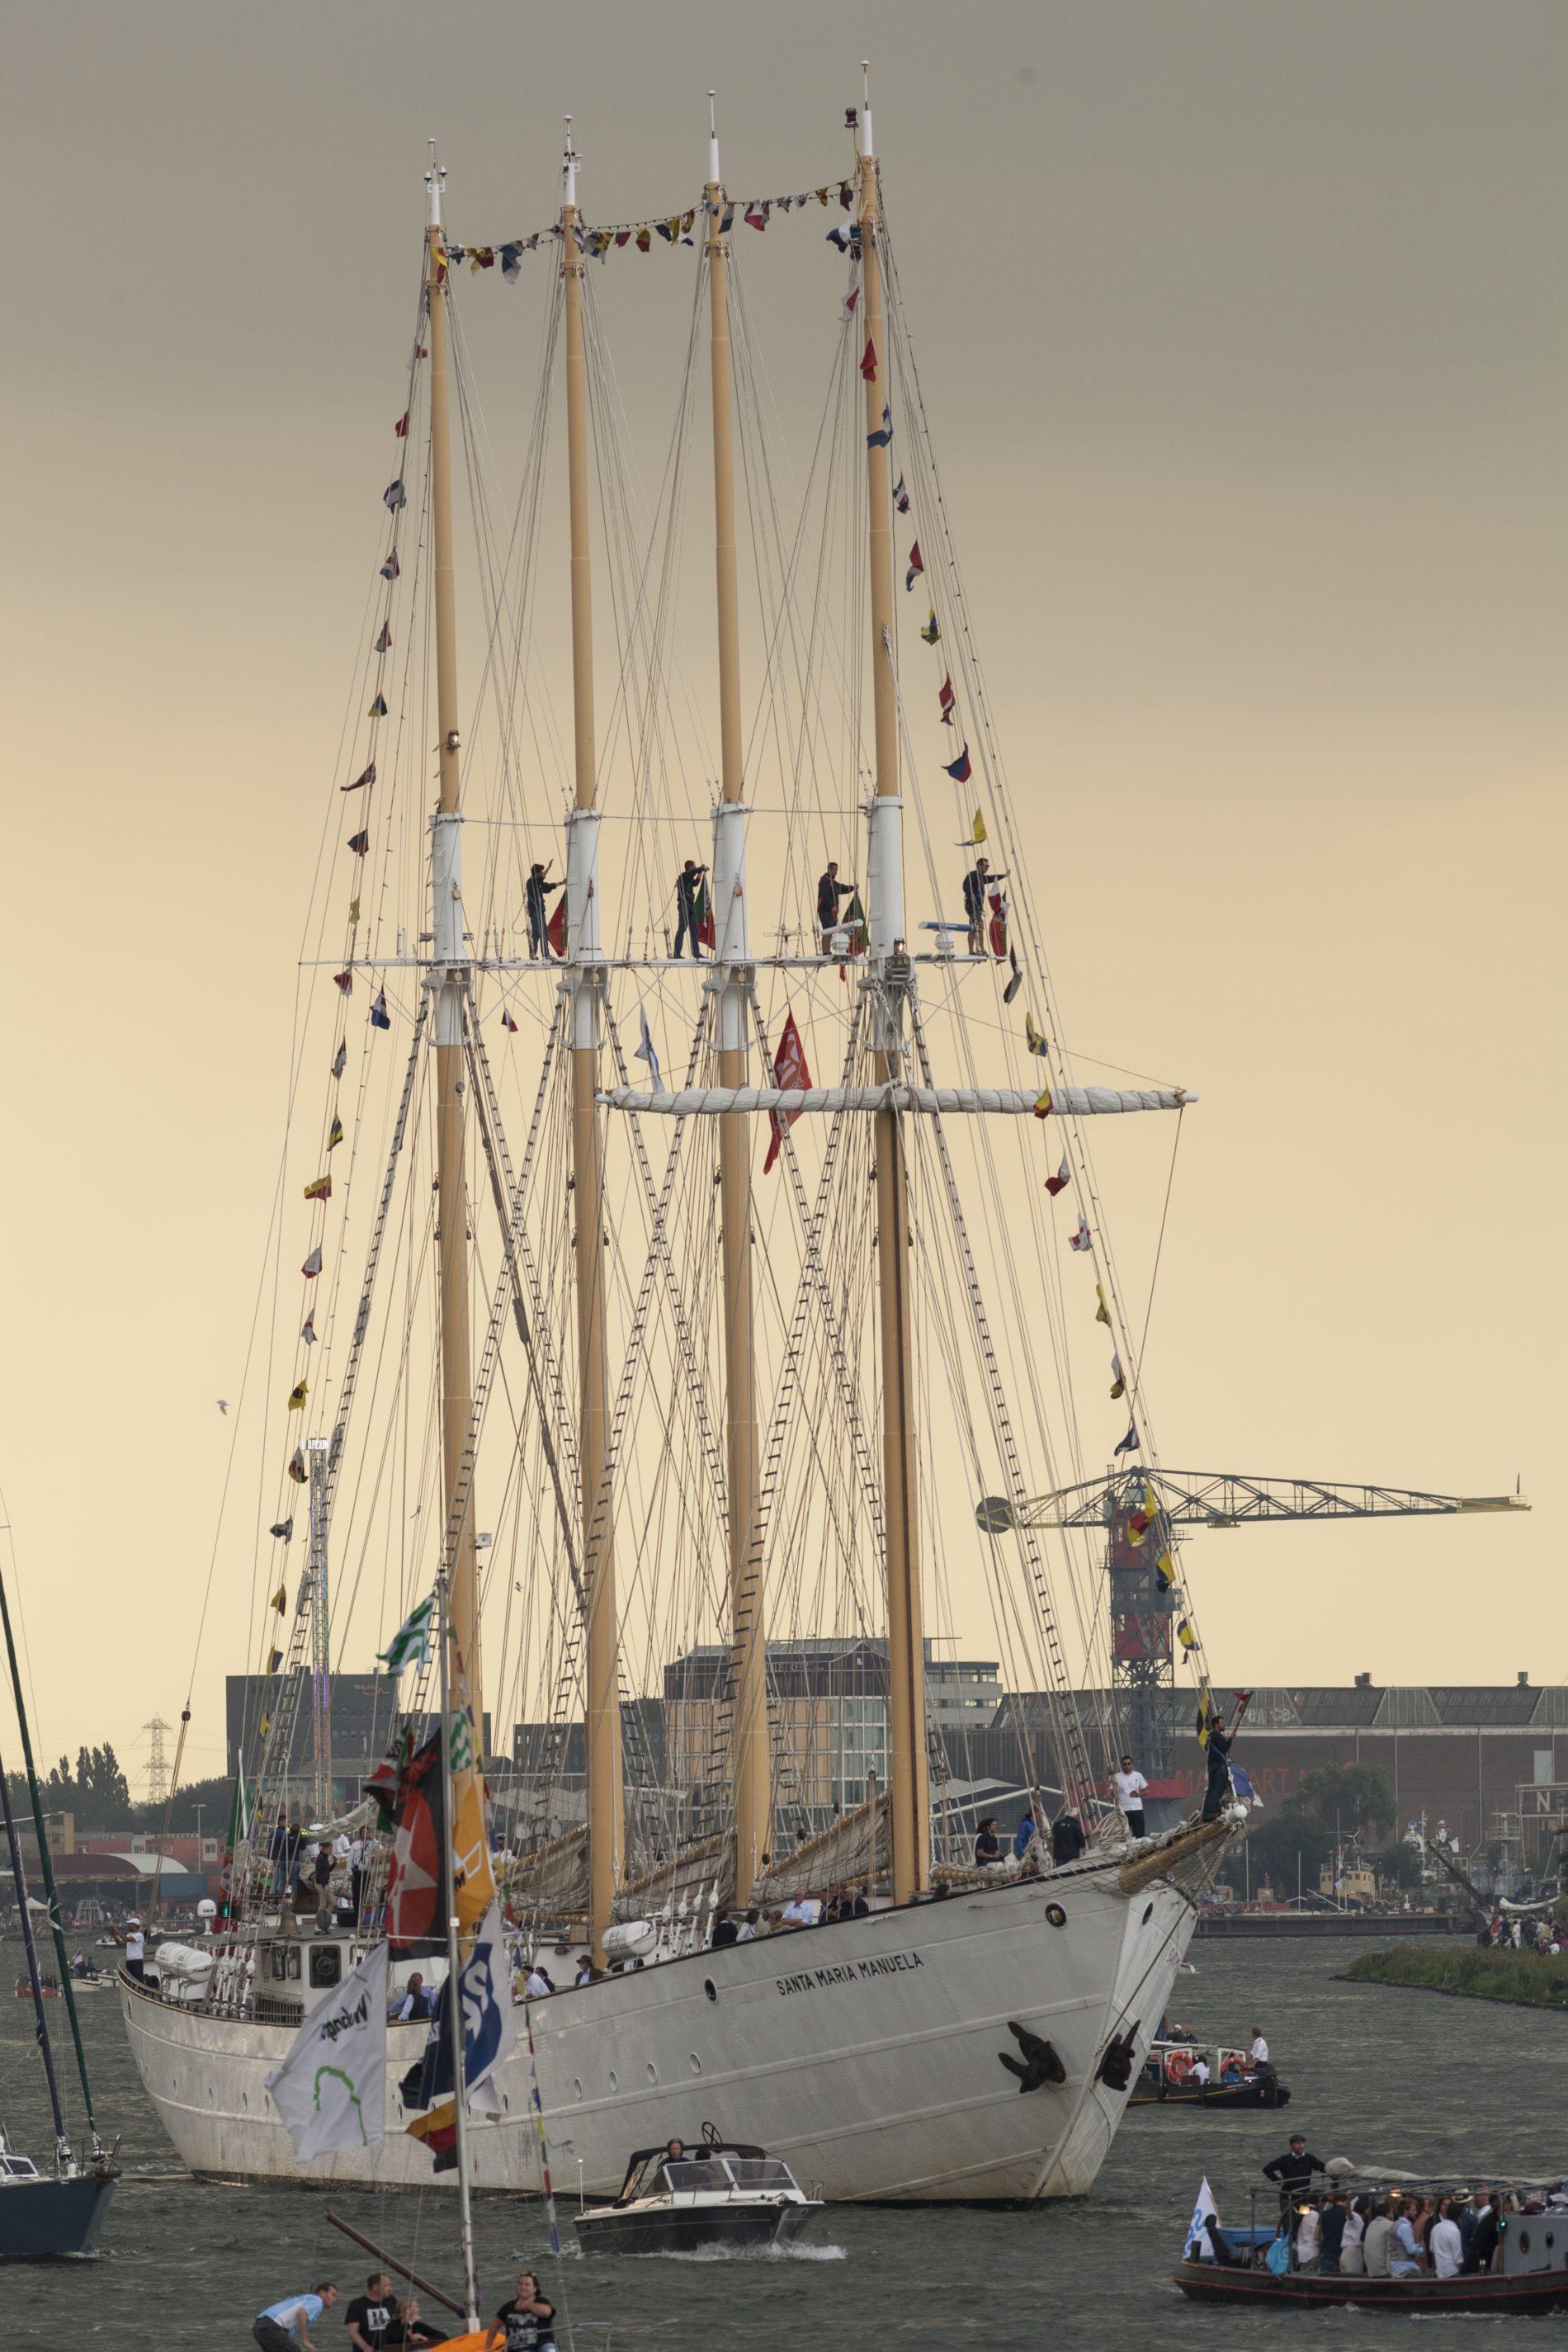 Bemanningsleden van de Santa Maria Manuela staan in de masten van het schip